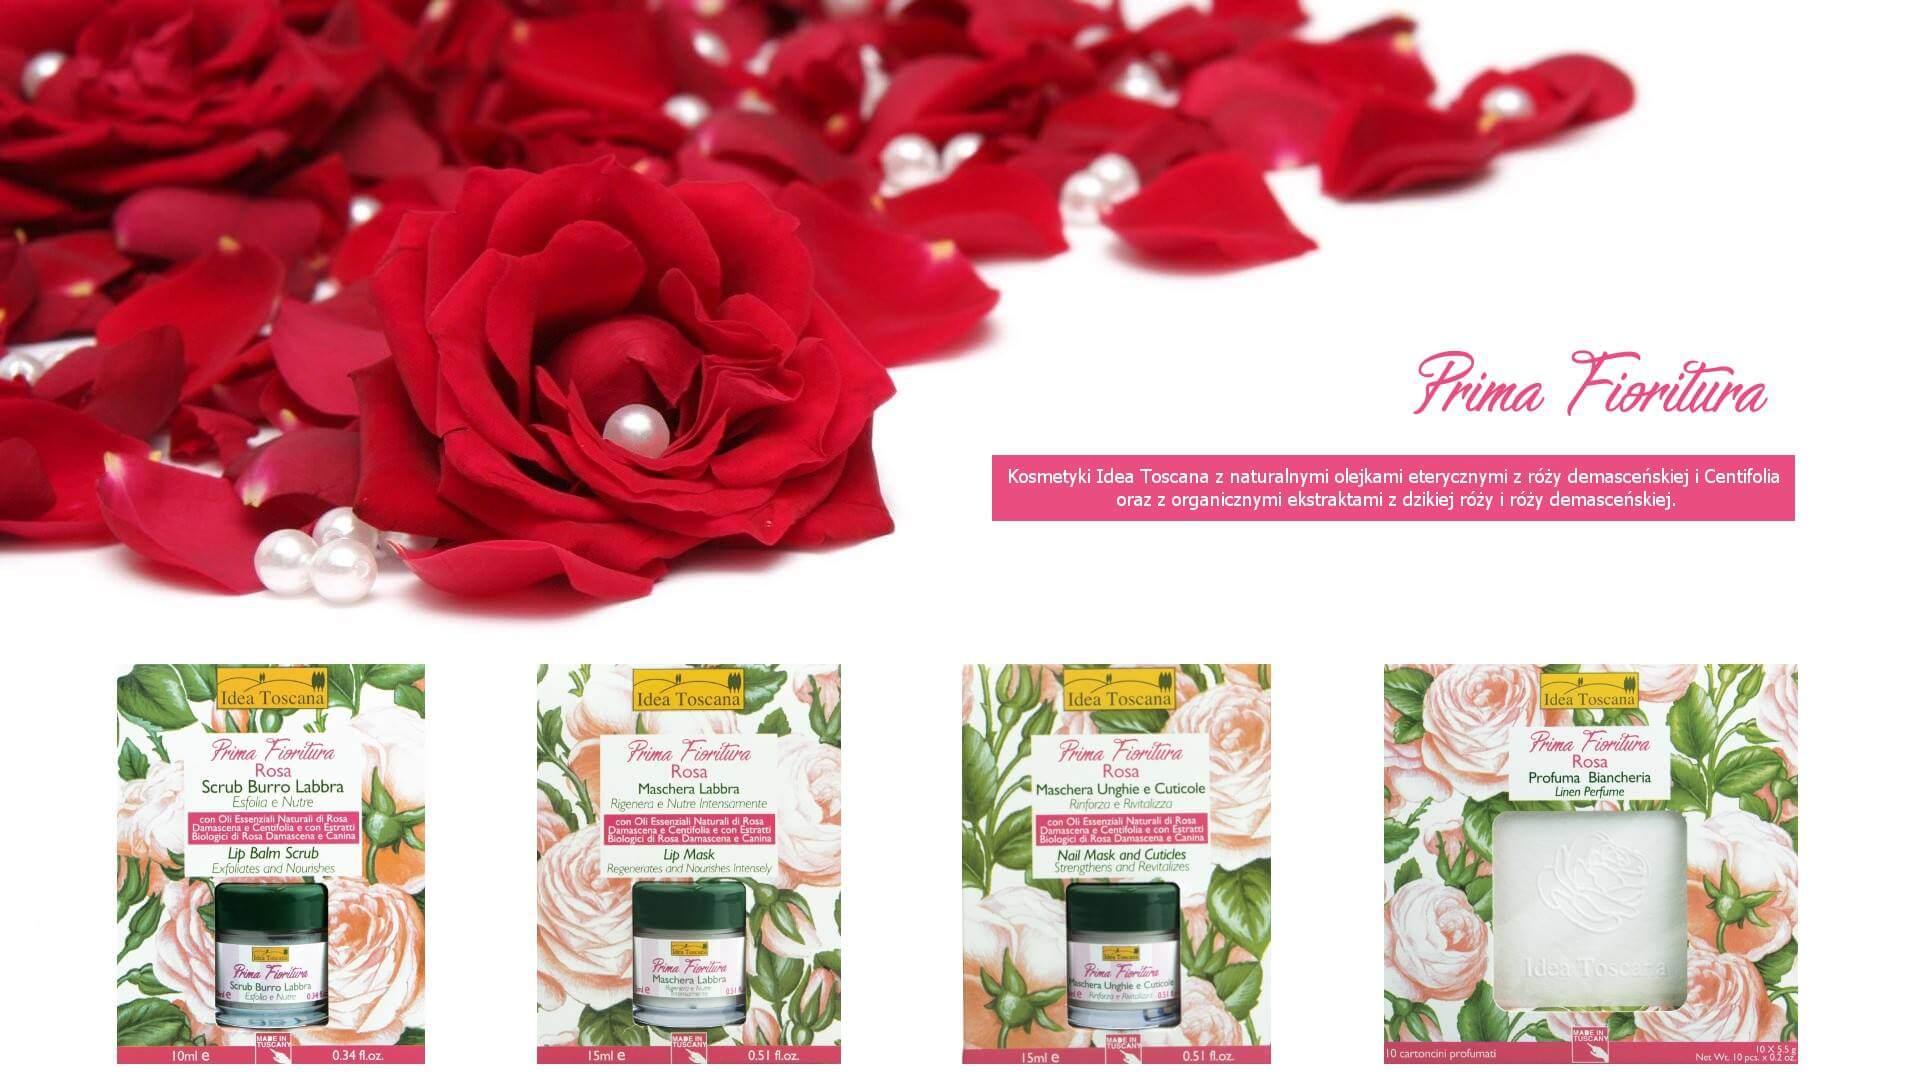 kosmetyki naturalne Idea Toscana Prima Fioritura Rosa z różą